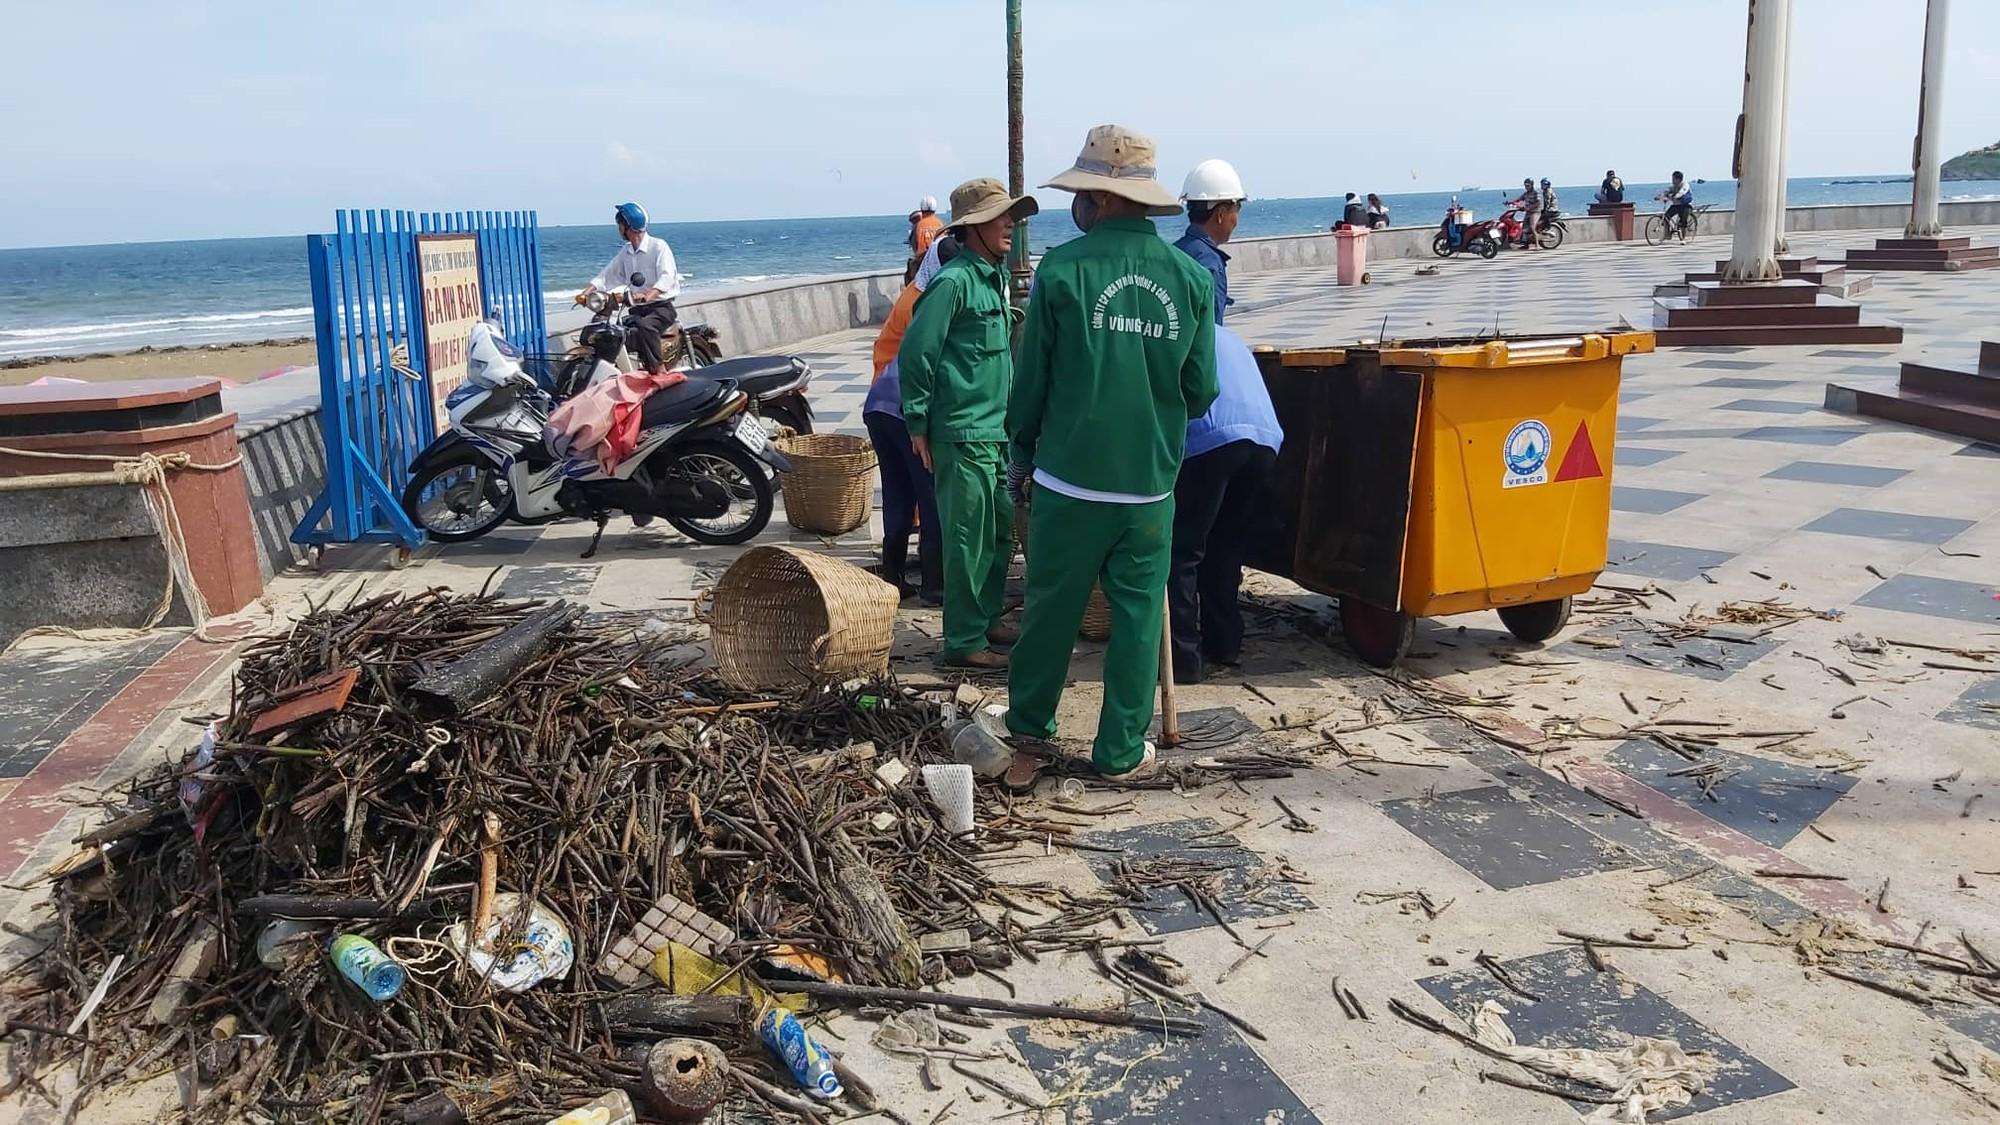 Cận cảnh bãi biển Vũng Tàu bị cả trăm tấn rác vây kín! - Ảnh 2.